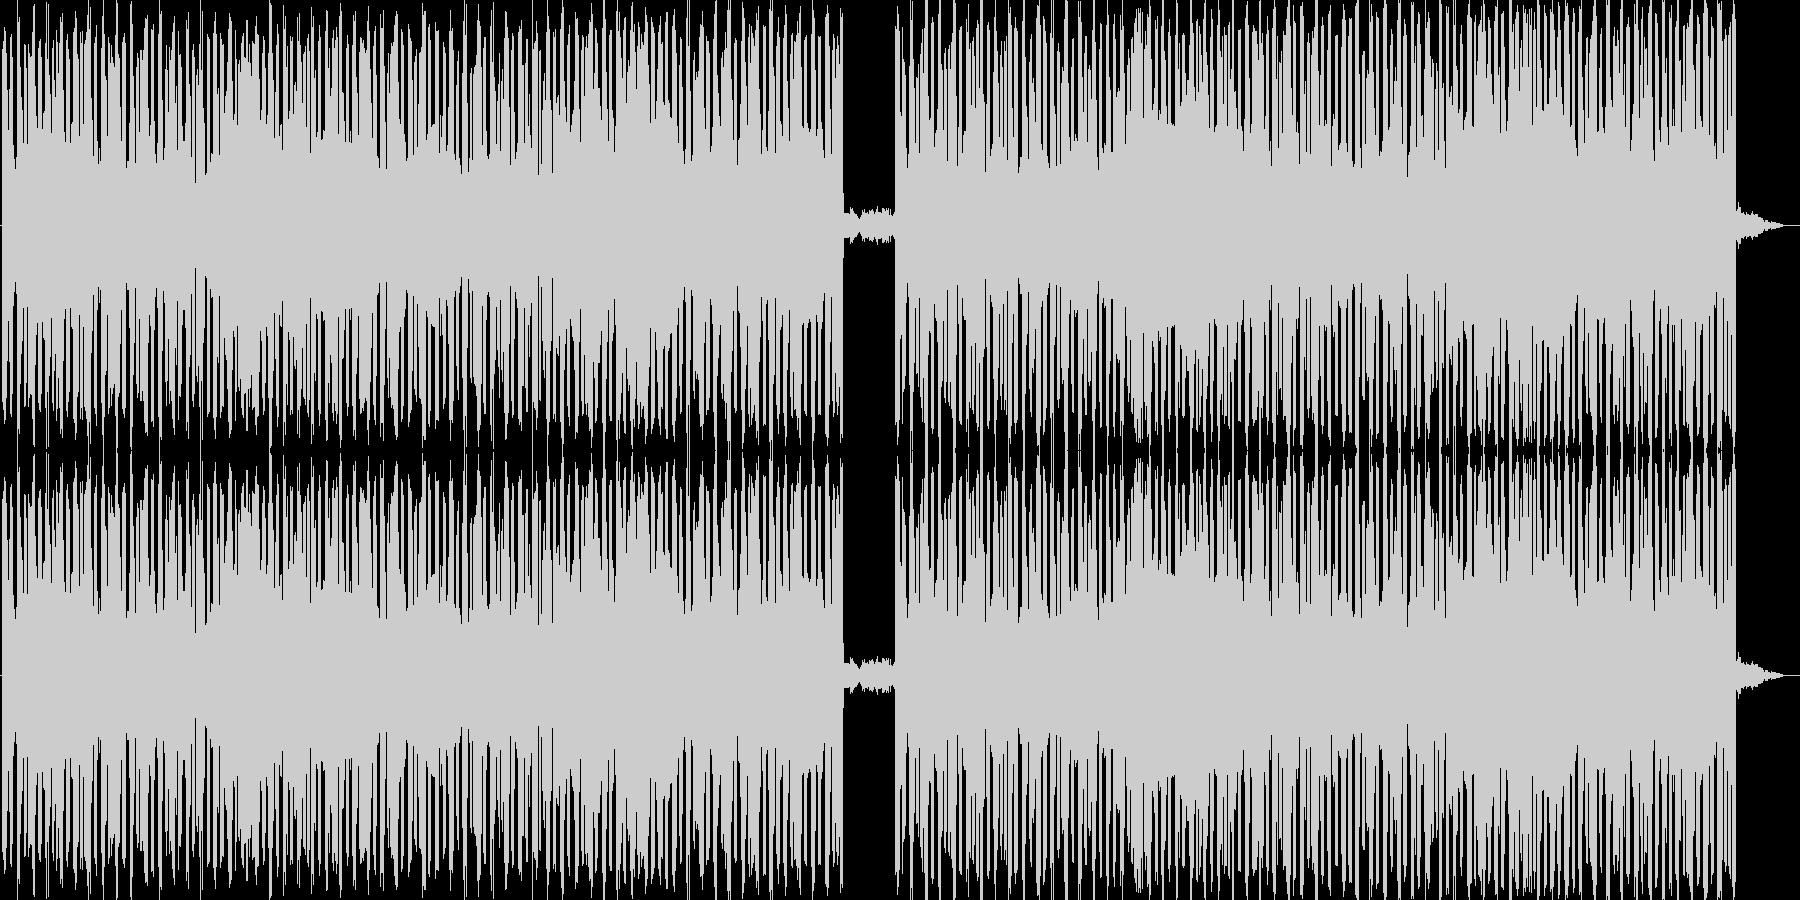 ニュース、ラジオ等の挿入BGMをイメー…の未再生の波形